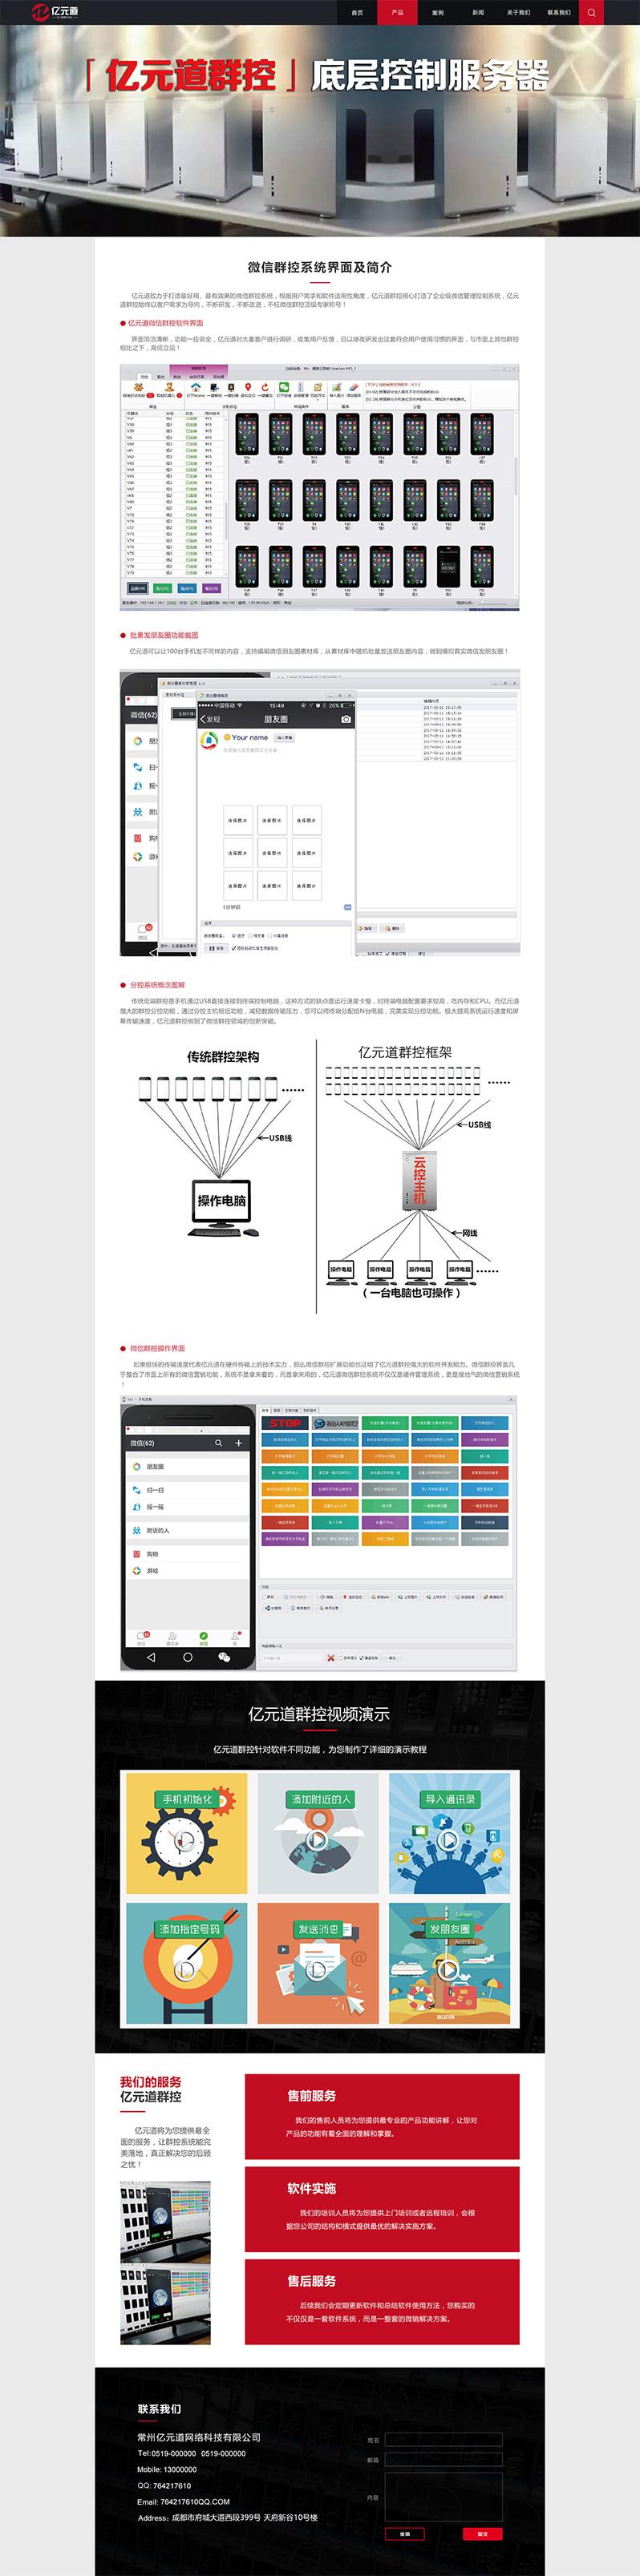 微信群控软件官网建设设计案例